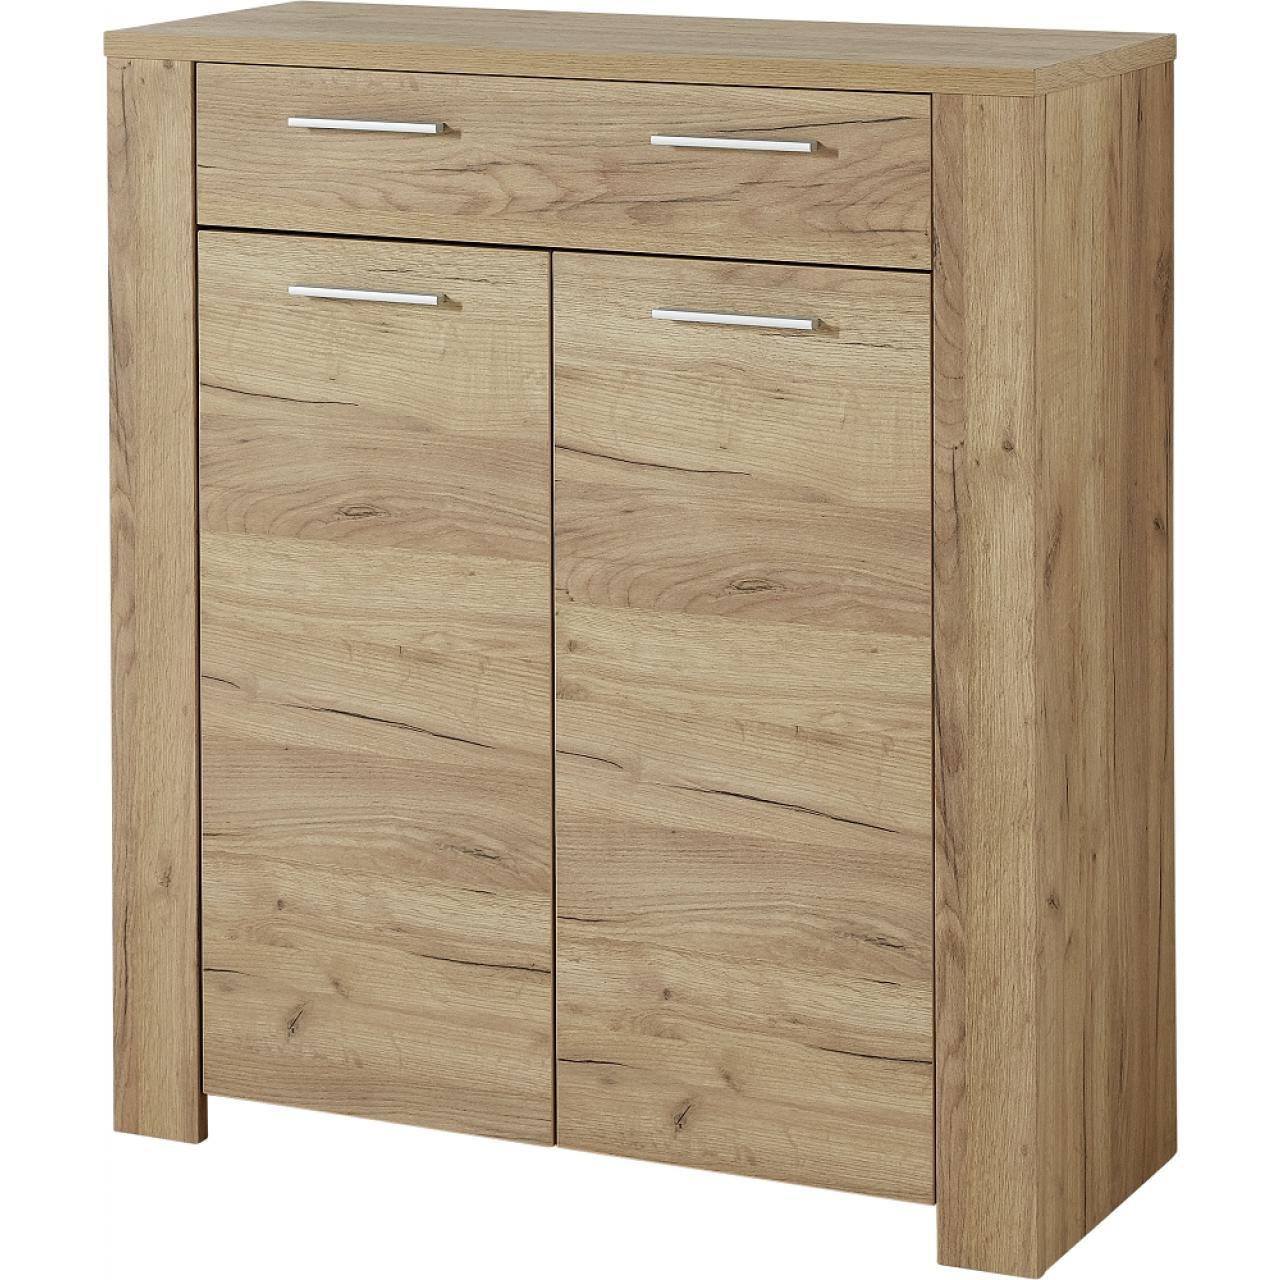 schuhschrank castera garderoben wohnen m bel j hnichen center gmbh. Black Bedroom Furniture Sets. Home Design Ideas